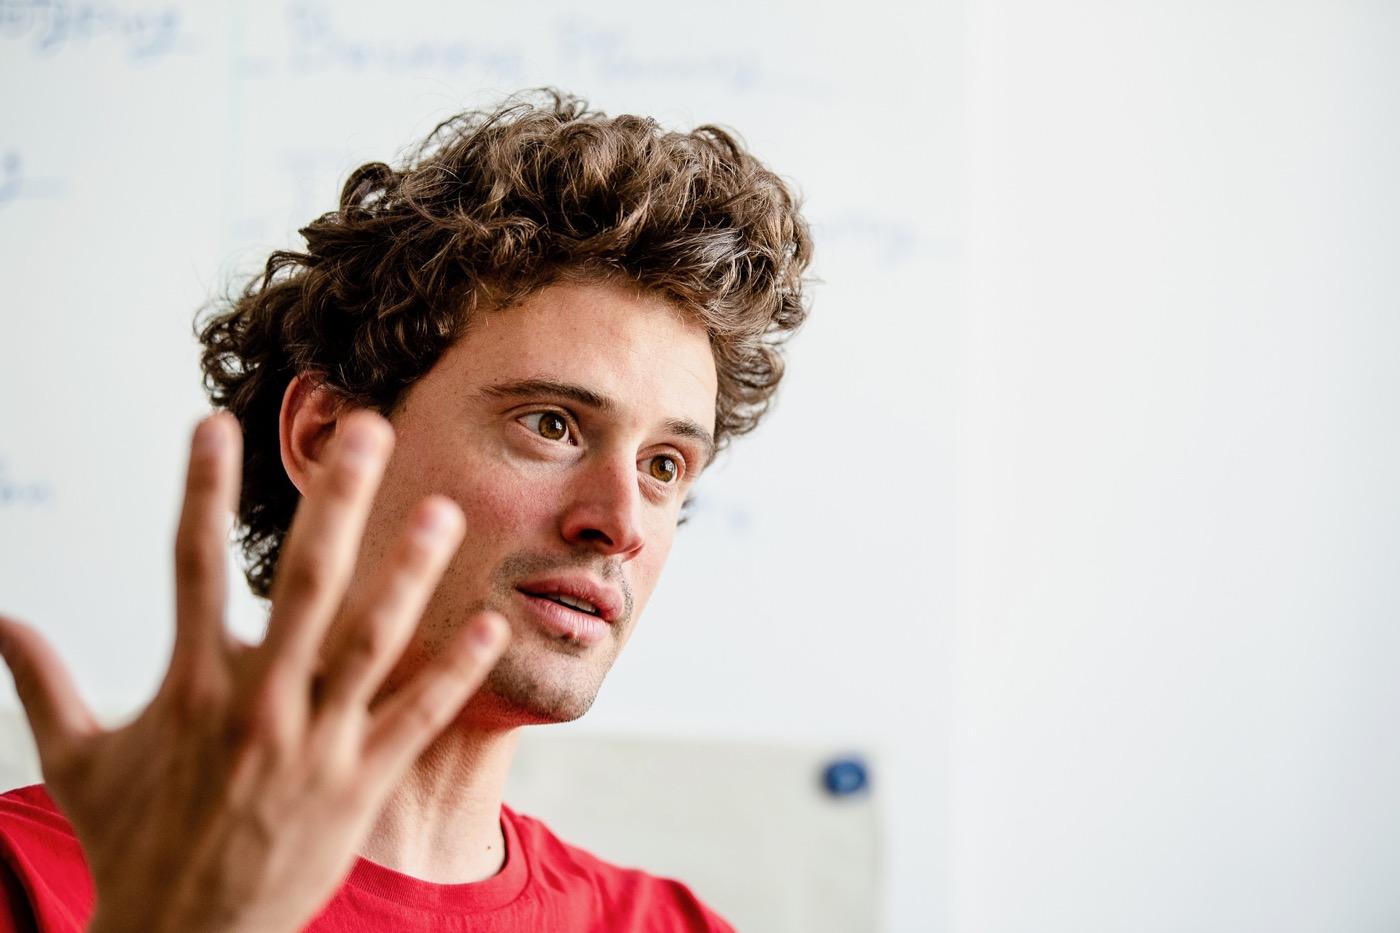 Peter Eckert gründete 2010 die soziale Biermarke Quartiermeister.